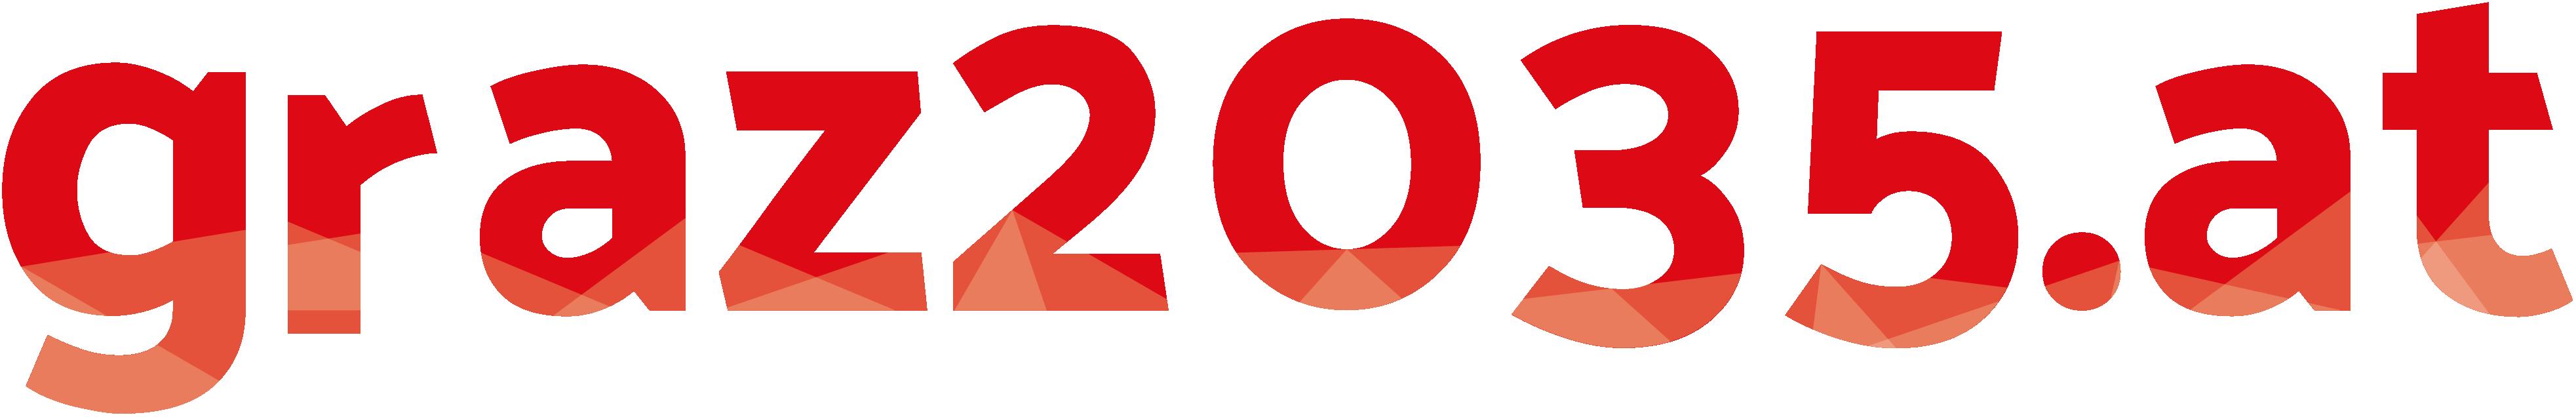 Graz 2035 - Wie möchtest du leben?